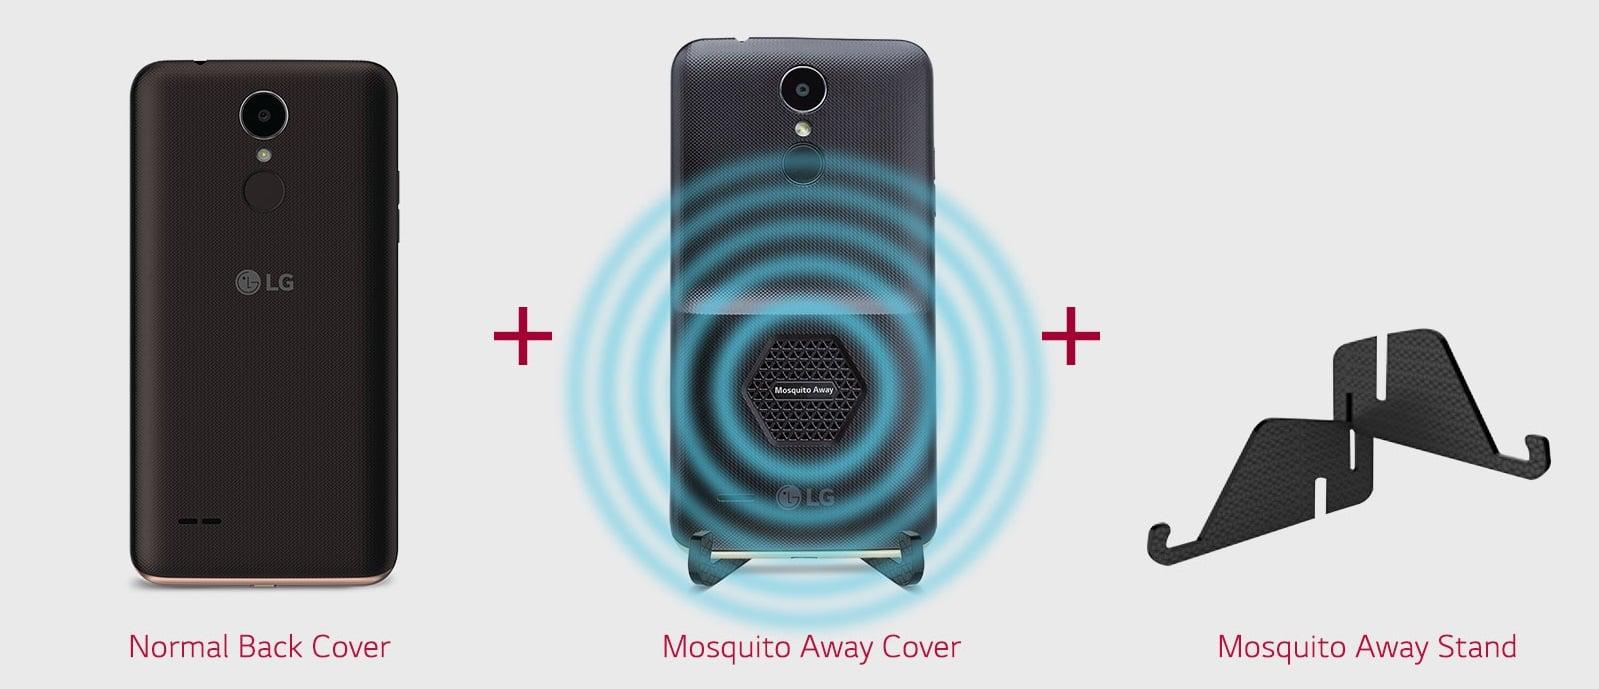 Tabletowo.pl Takiego smartfona jeszcze nie widzieliście - LG K7i ze specjalnym modułem odstraszającym komary Android LG Smartfony